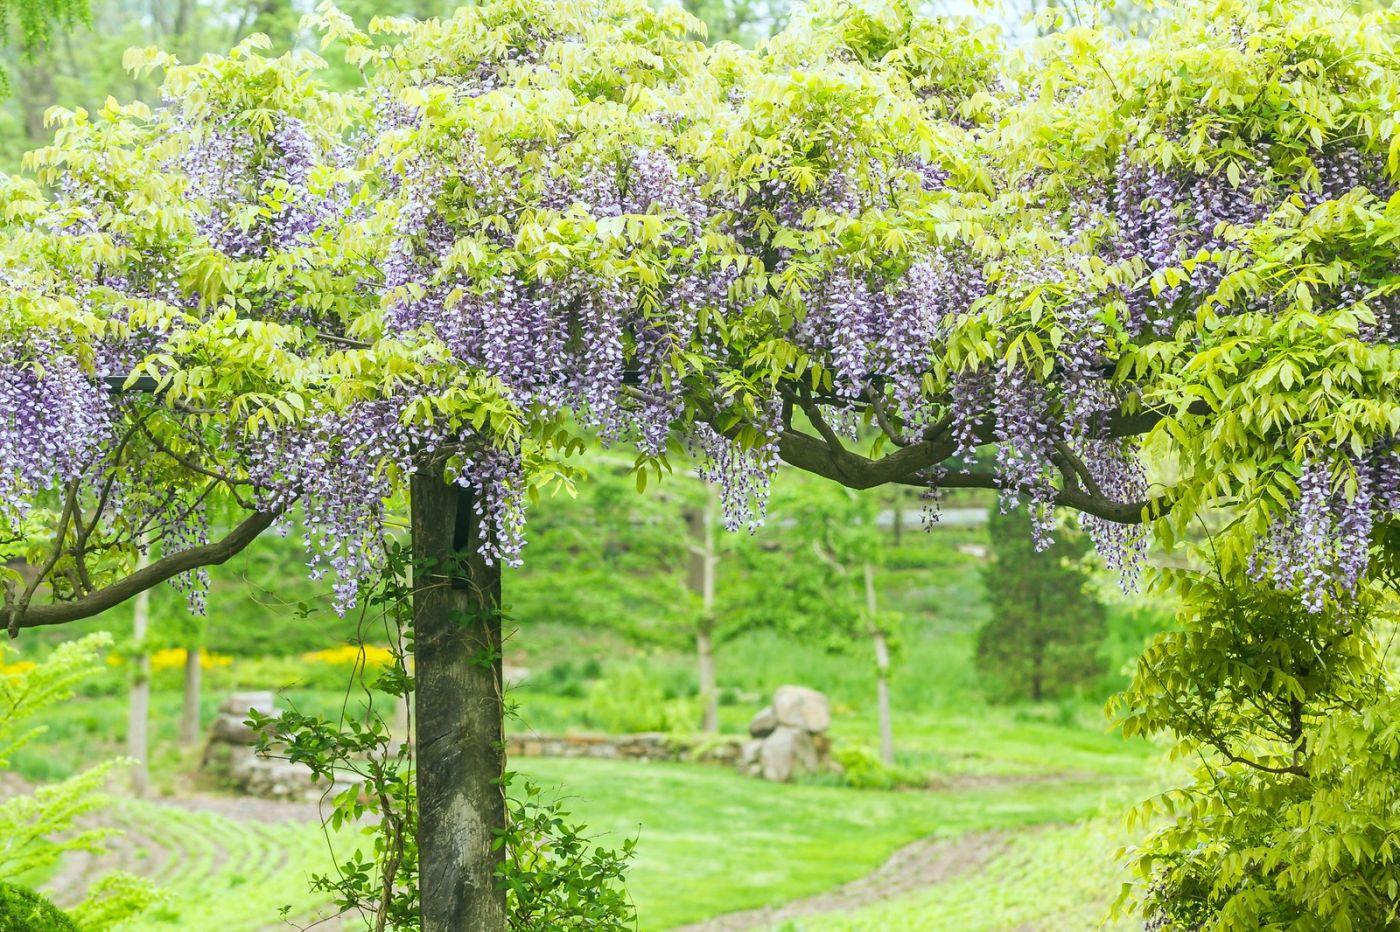 紫藤花相遇在春天_图1-17